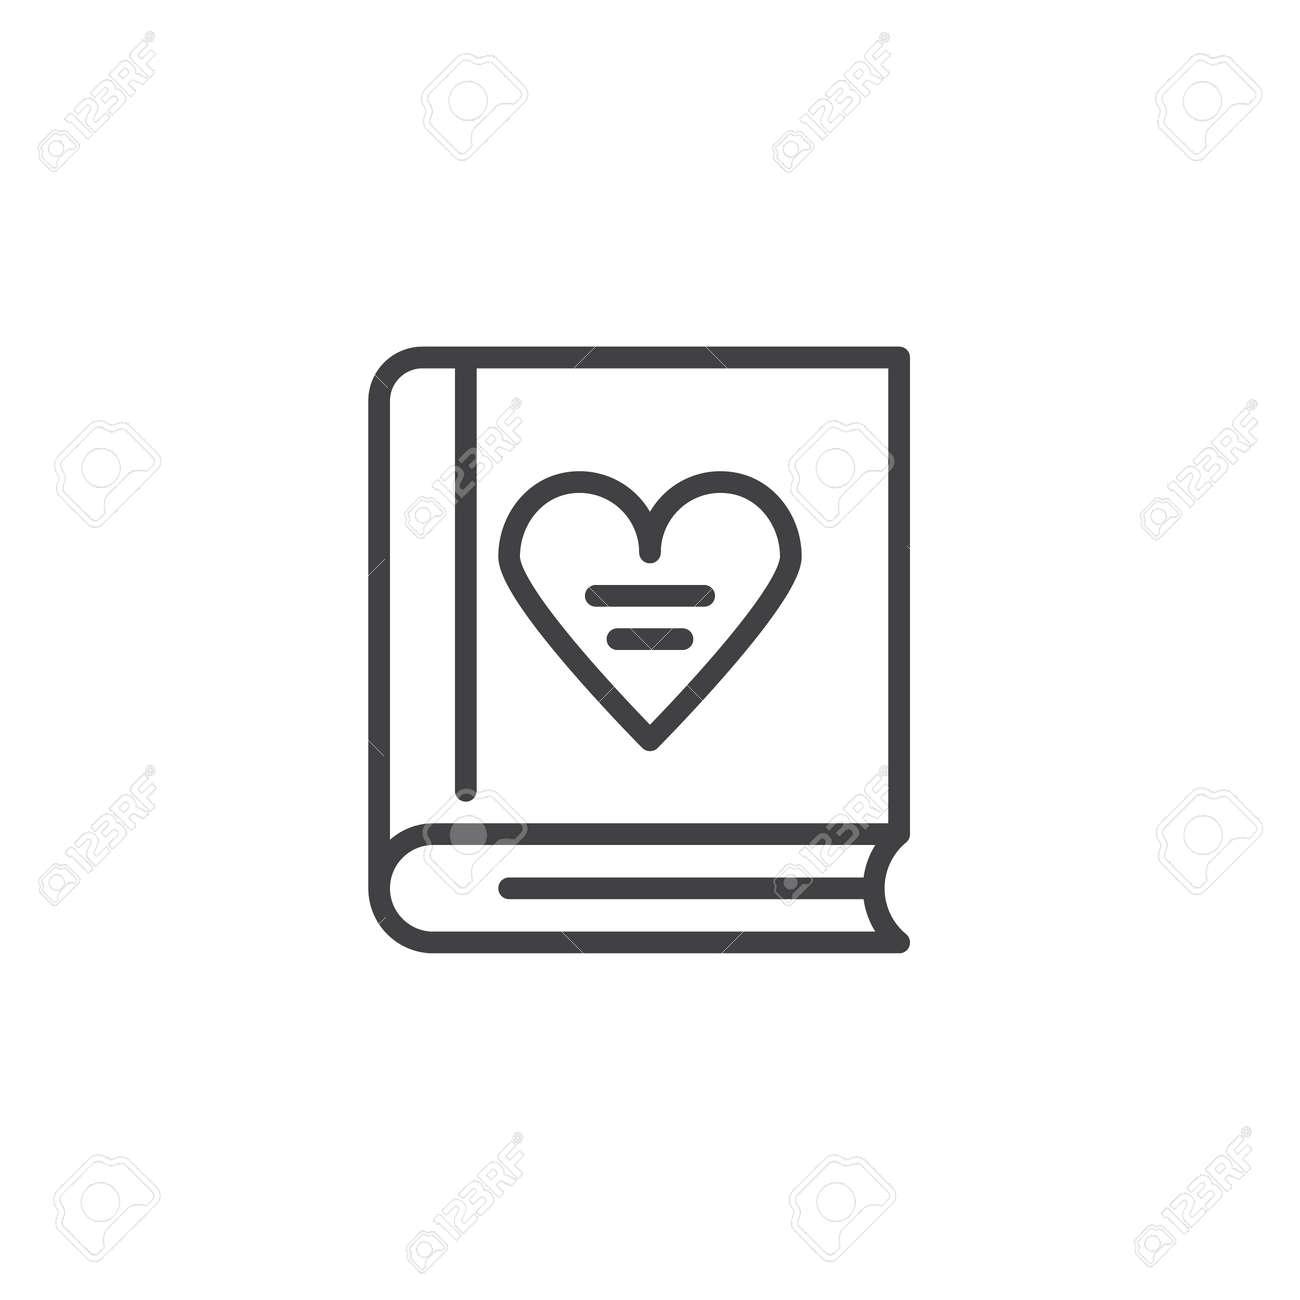 Livre Avec Amour Icone De Ligne De Coeur Contour Vector Signe Pictogramme De Style Lineaire Isole Sur Blanc Symbole De La Saint Valentin